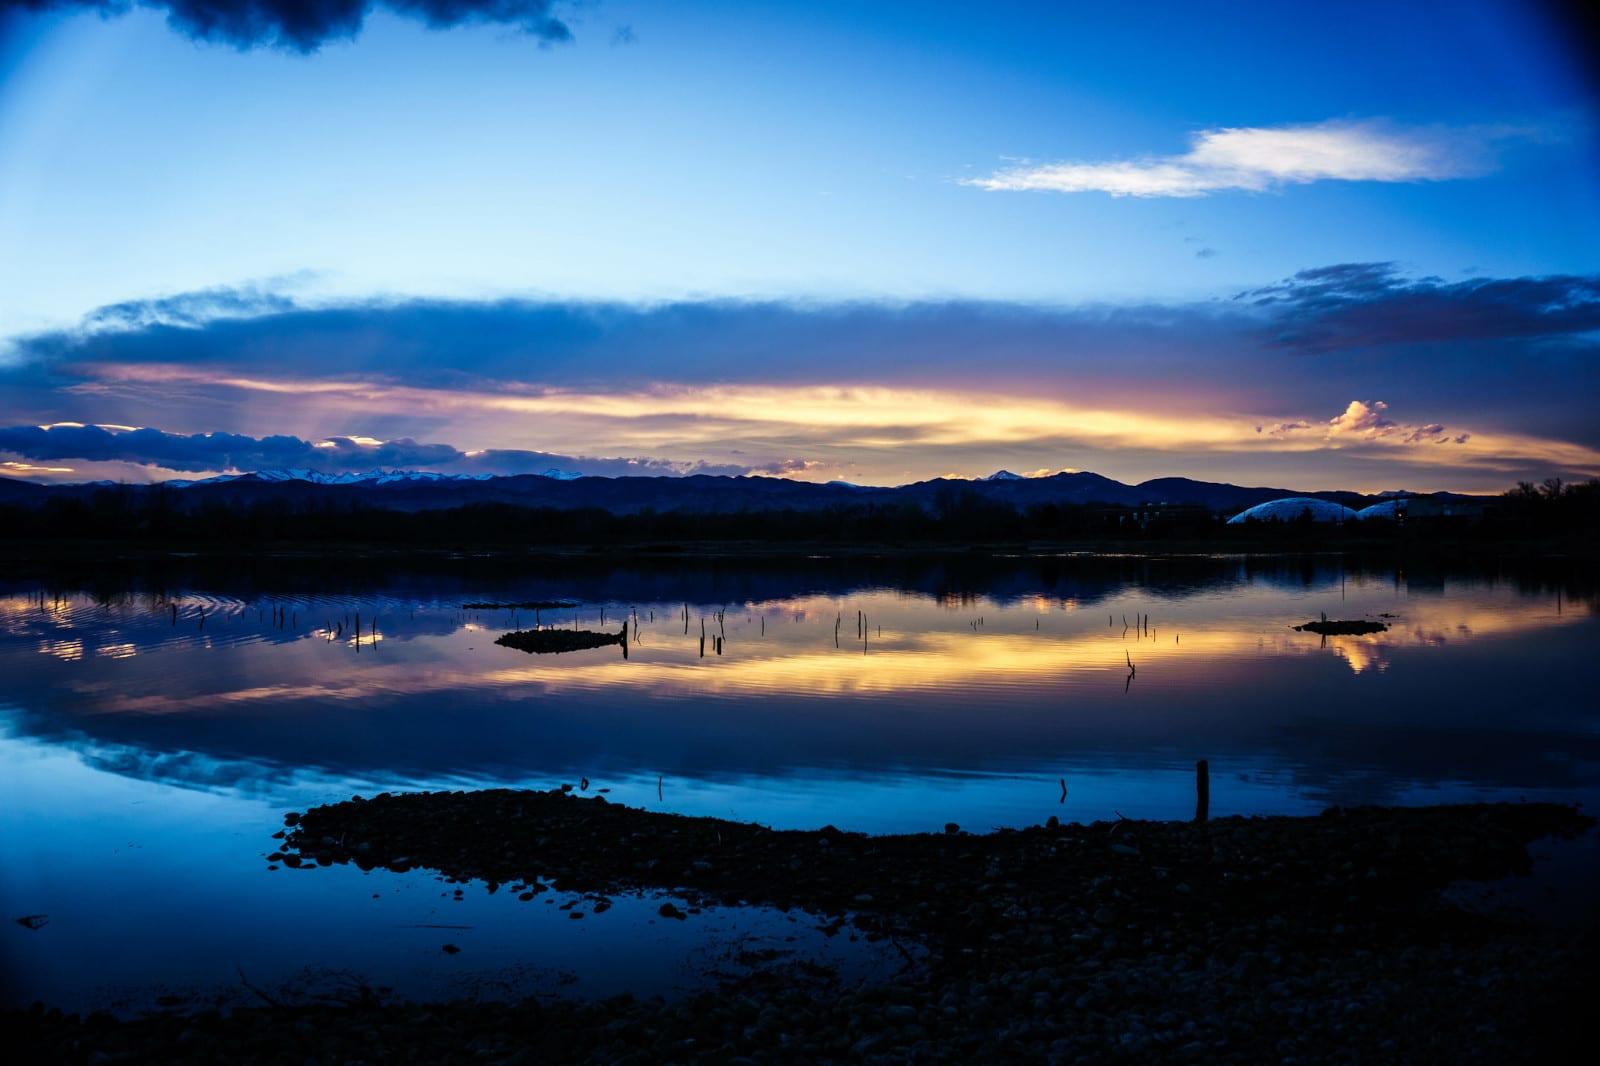 Image of the Walden Ponds Wildlife Habitat in Boulder, Colorado at sunset